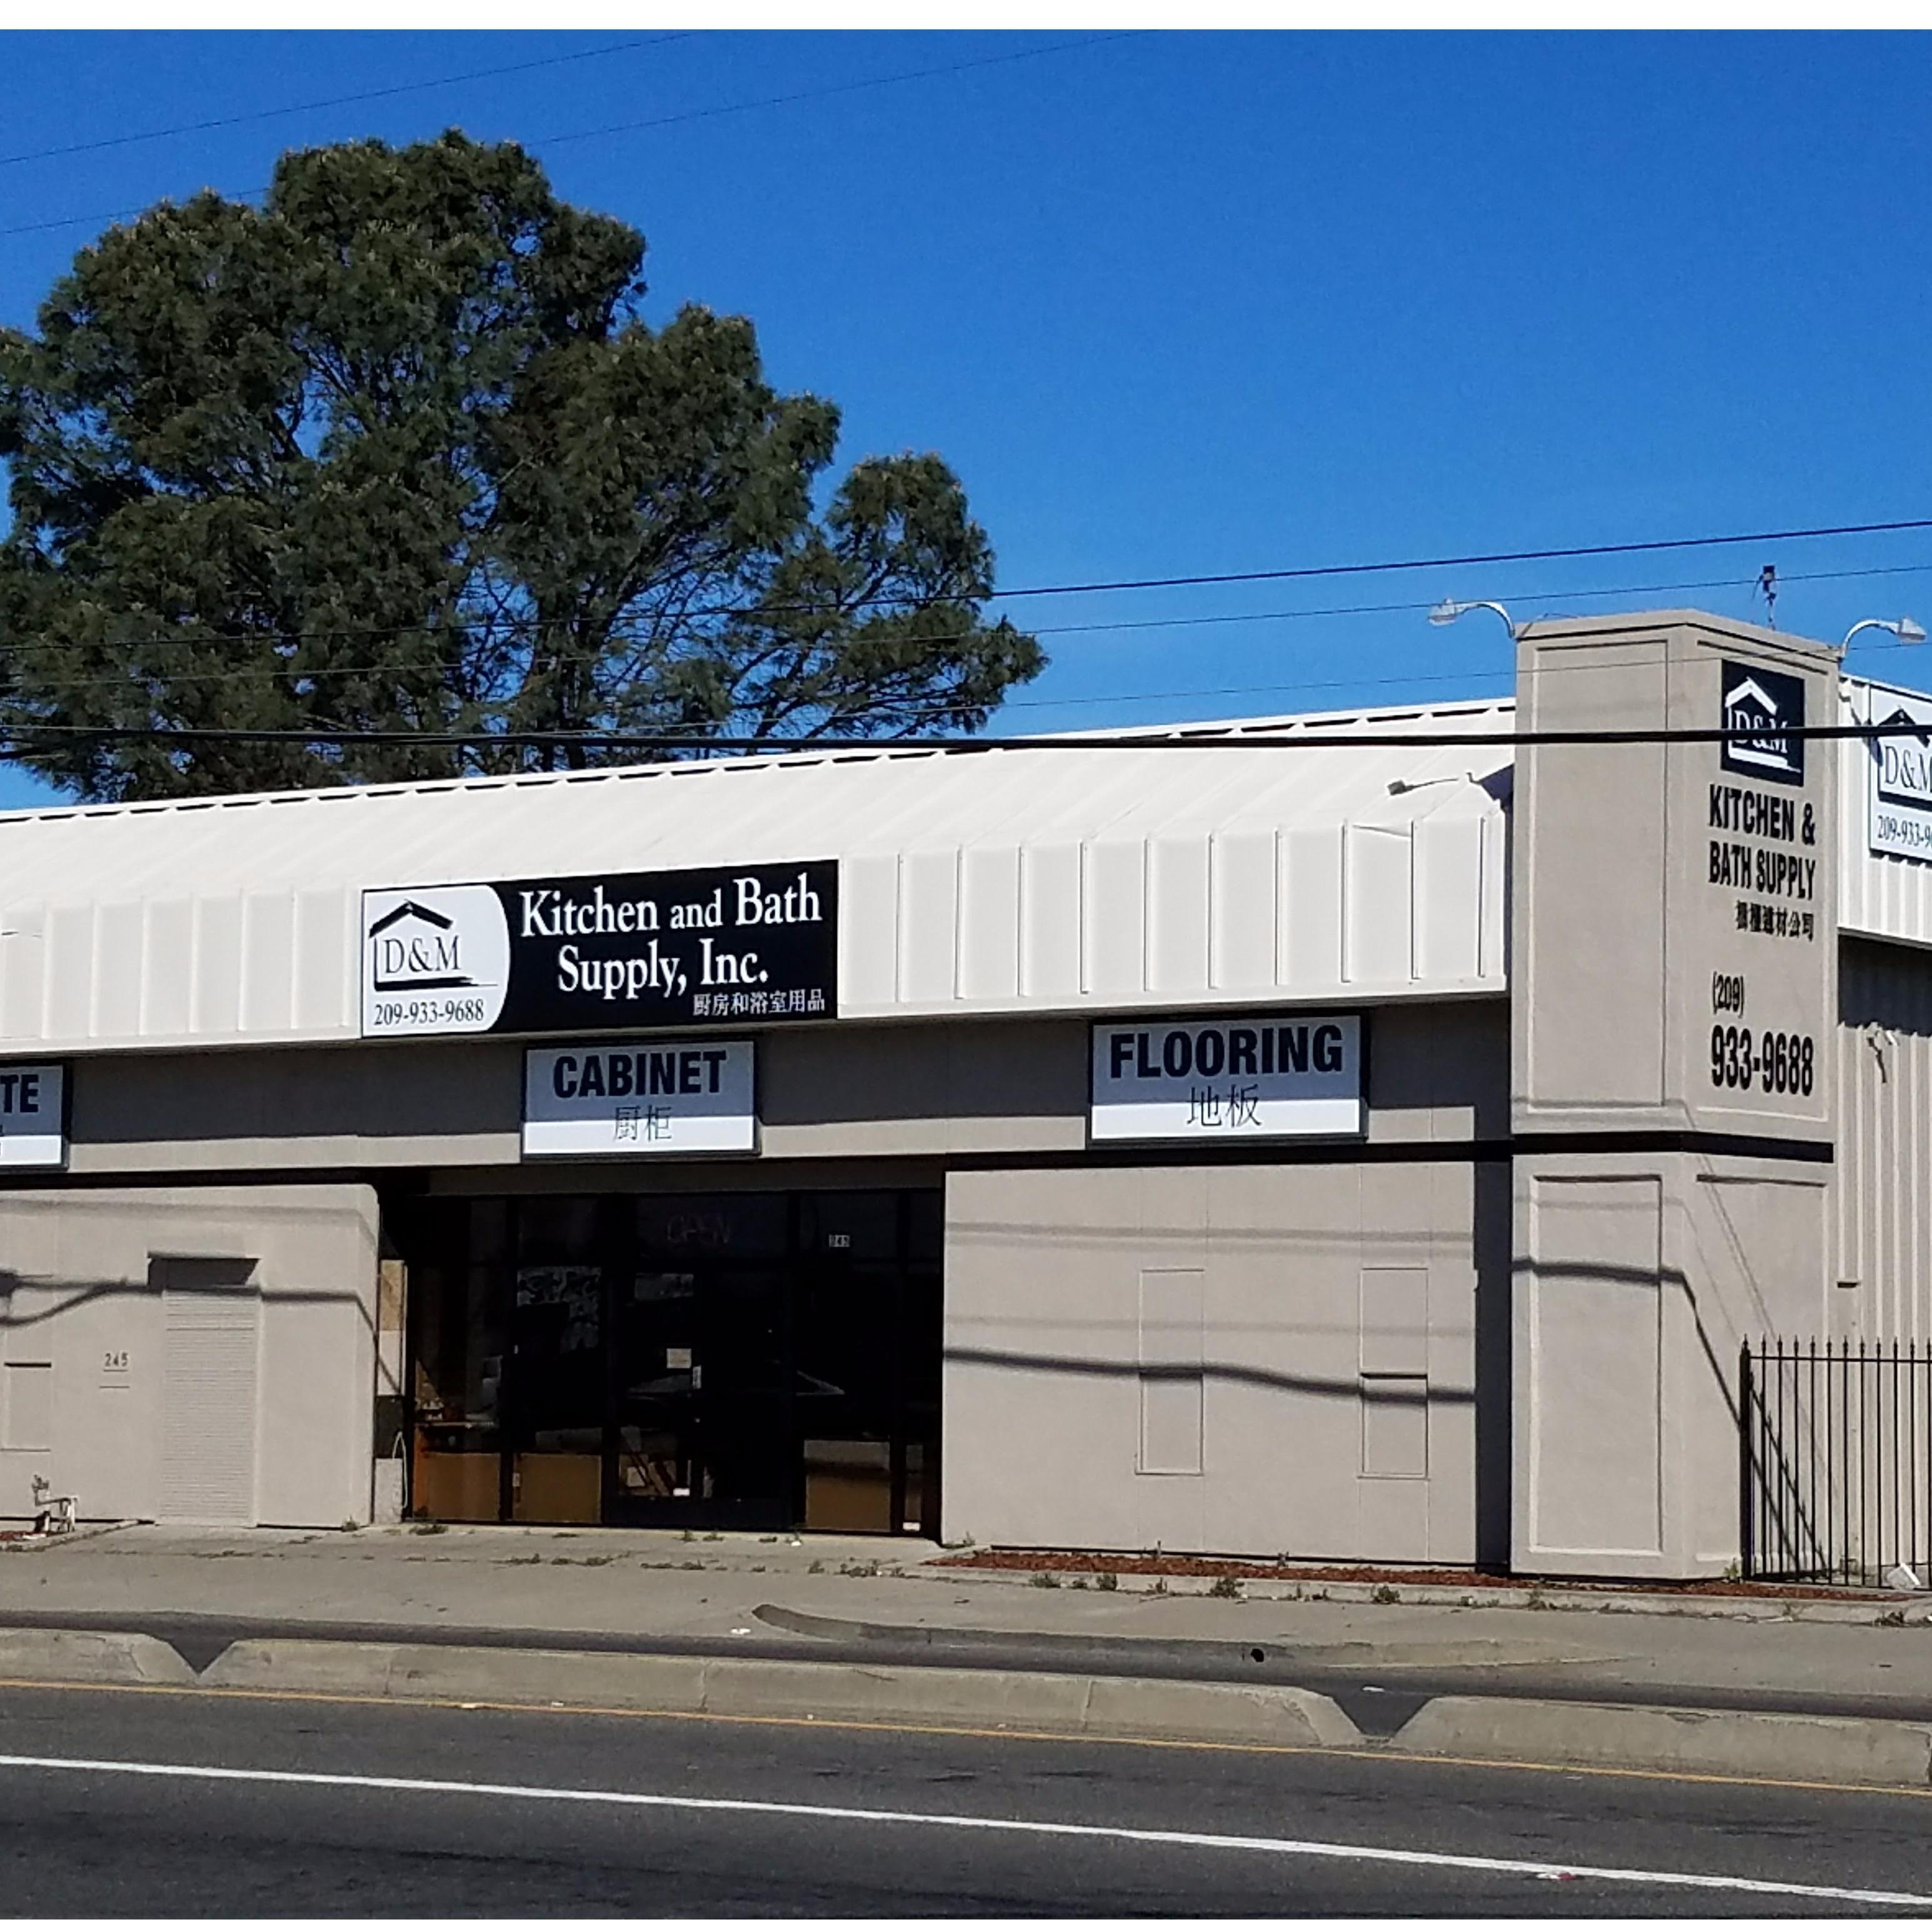 D M Kitchen And Bath Supply Inc Stockton Ca Company Profile